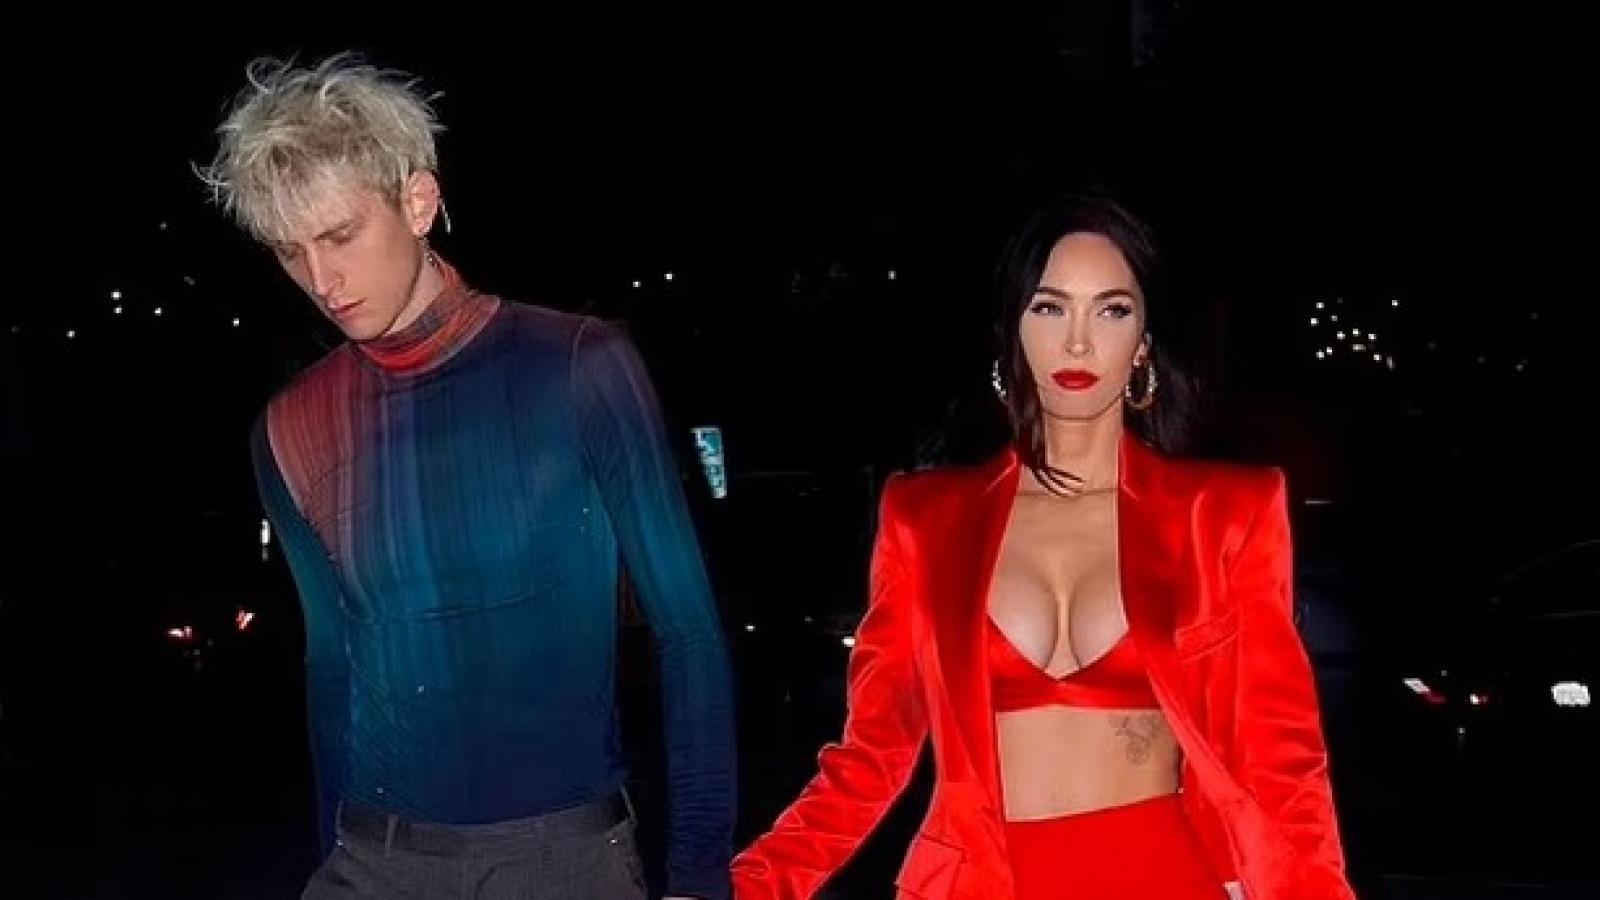 Megan Fox diện set đồ đỏ rực, đi chơi tối cùng bạn trai kém tuổi